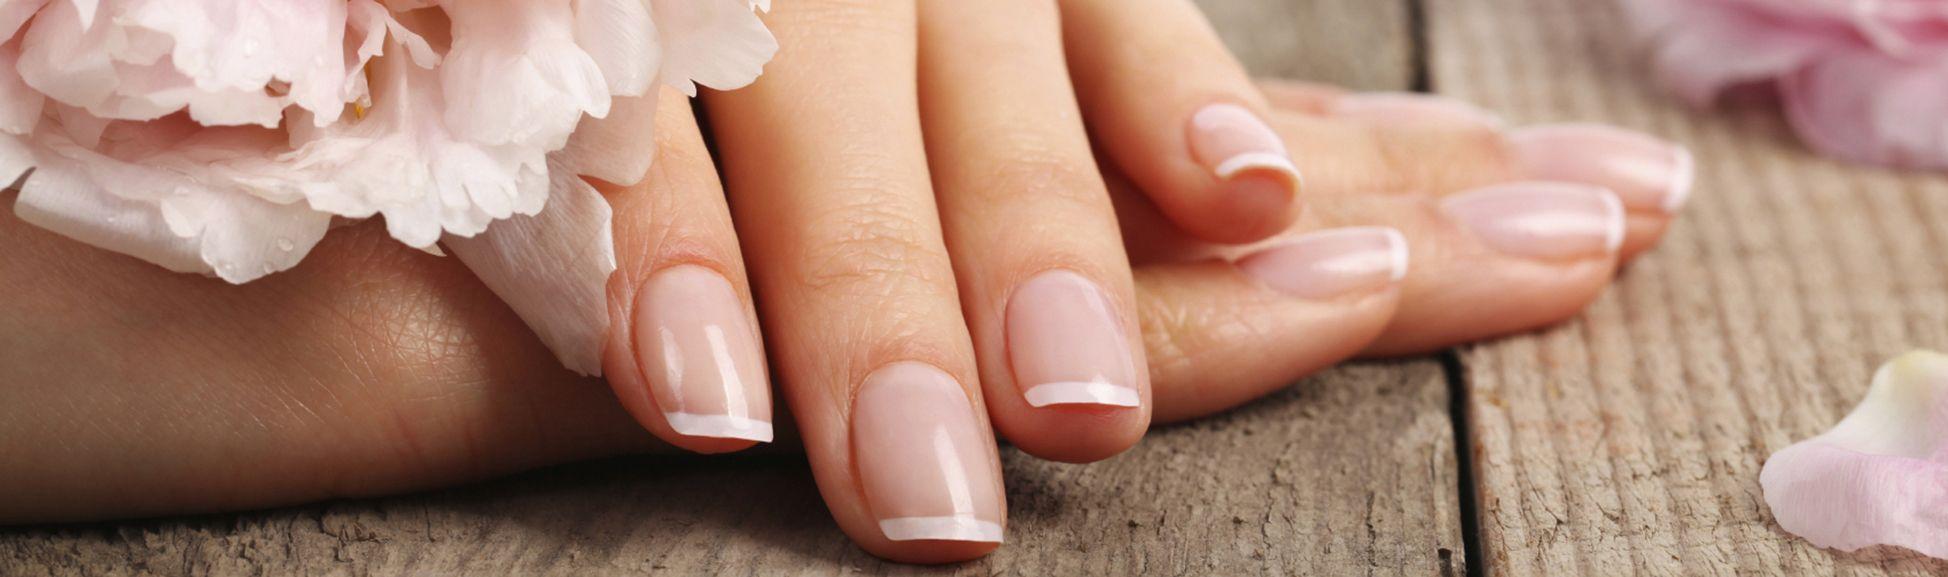 Aprendé a tener las uñas perfectas según la forma de tus dedos